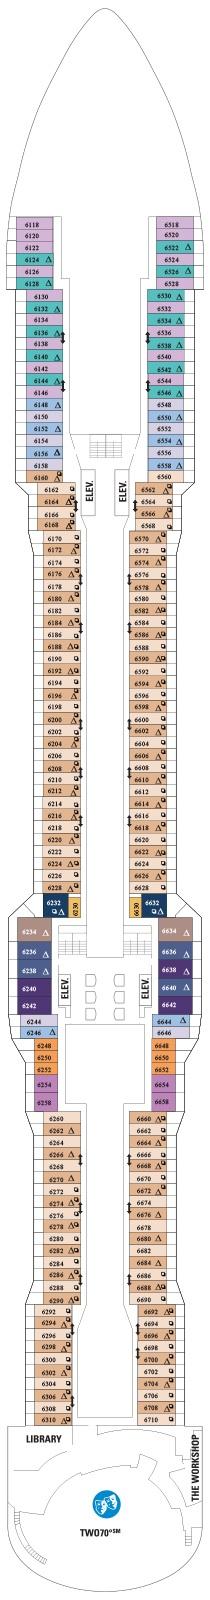 Quantum of the Seas Deck 6